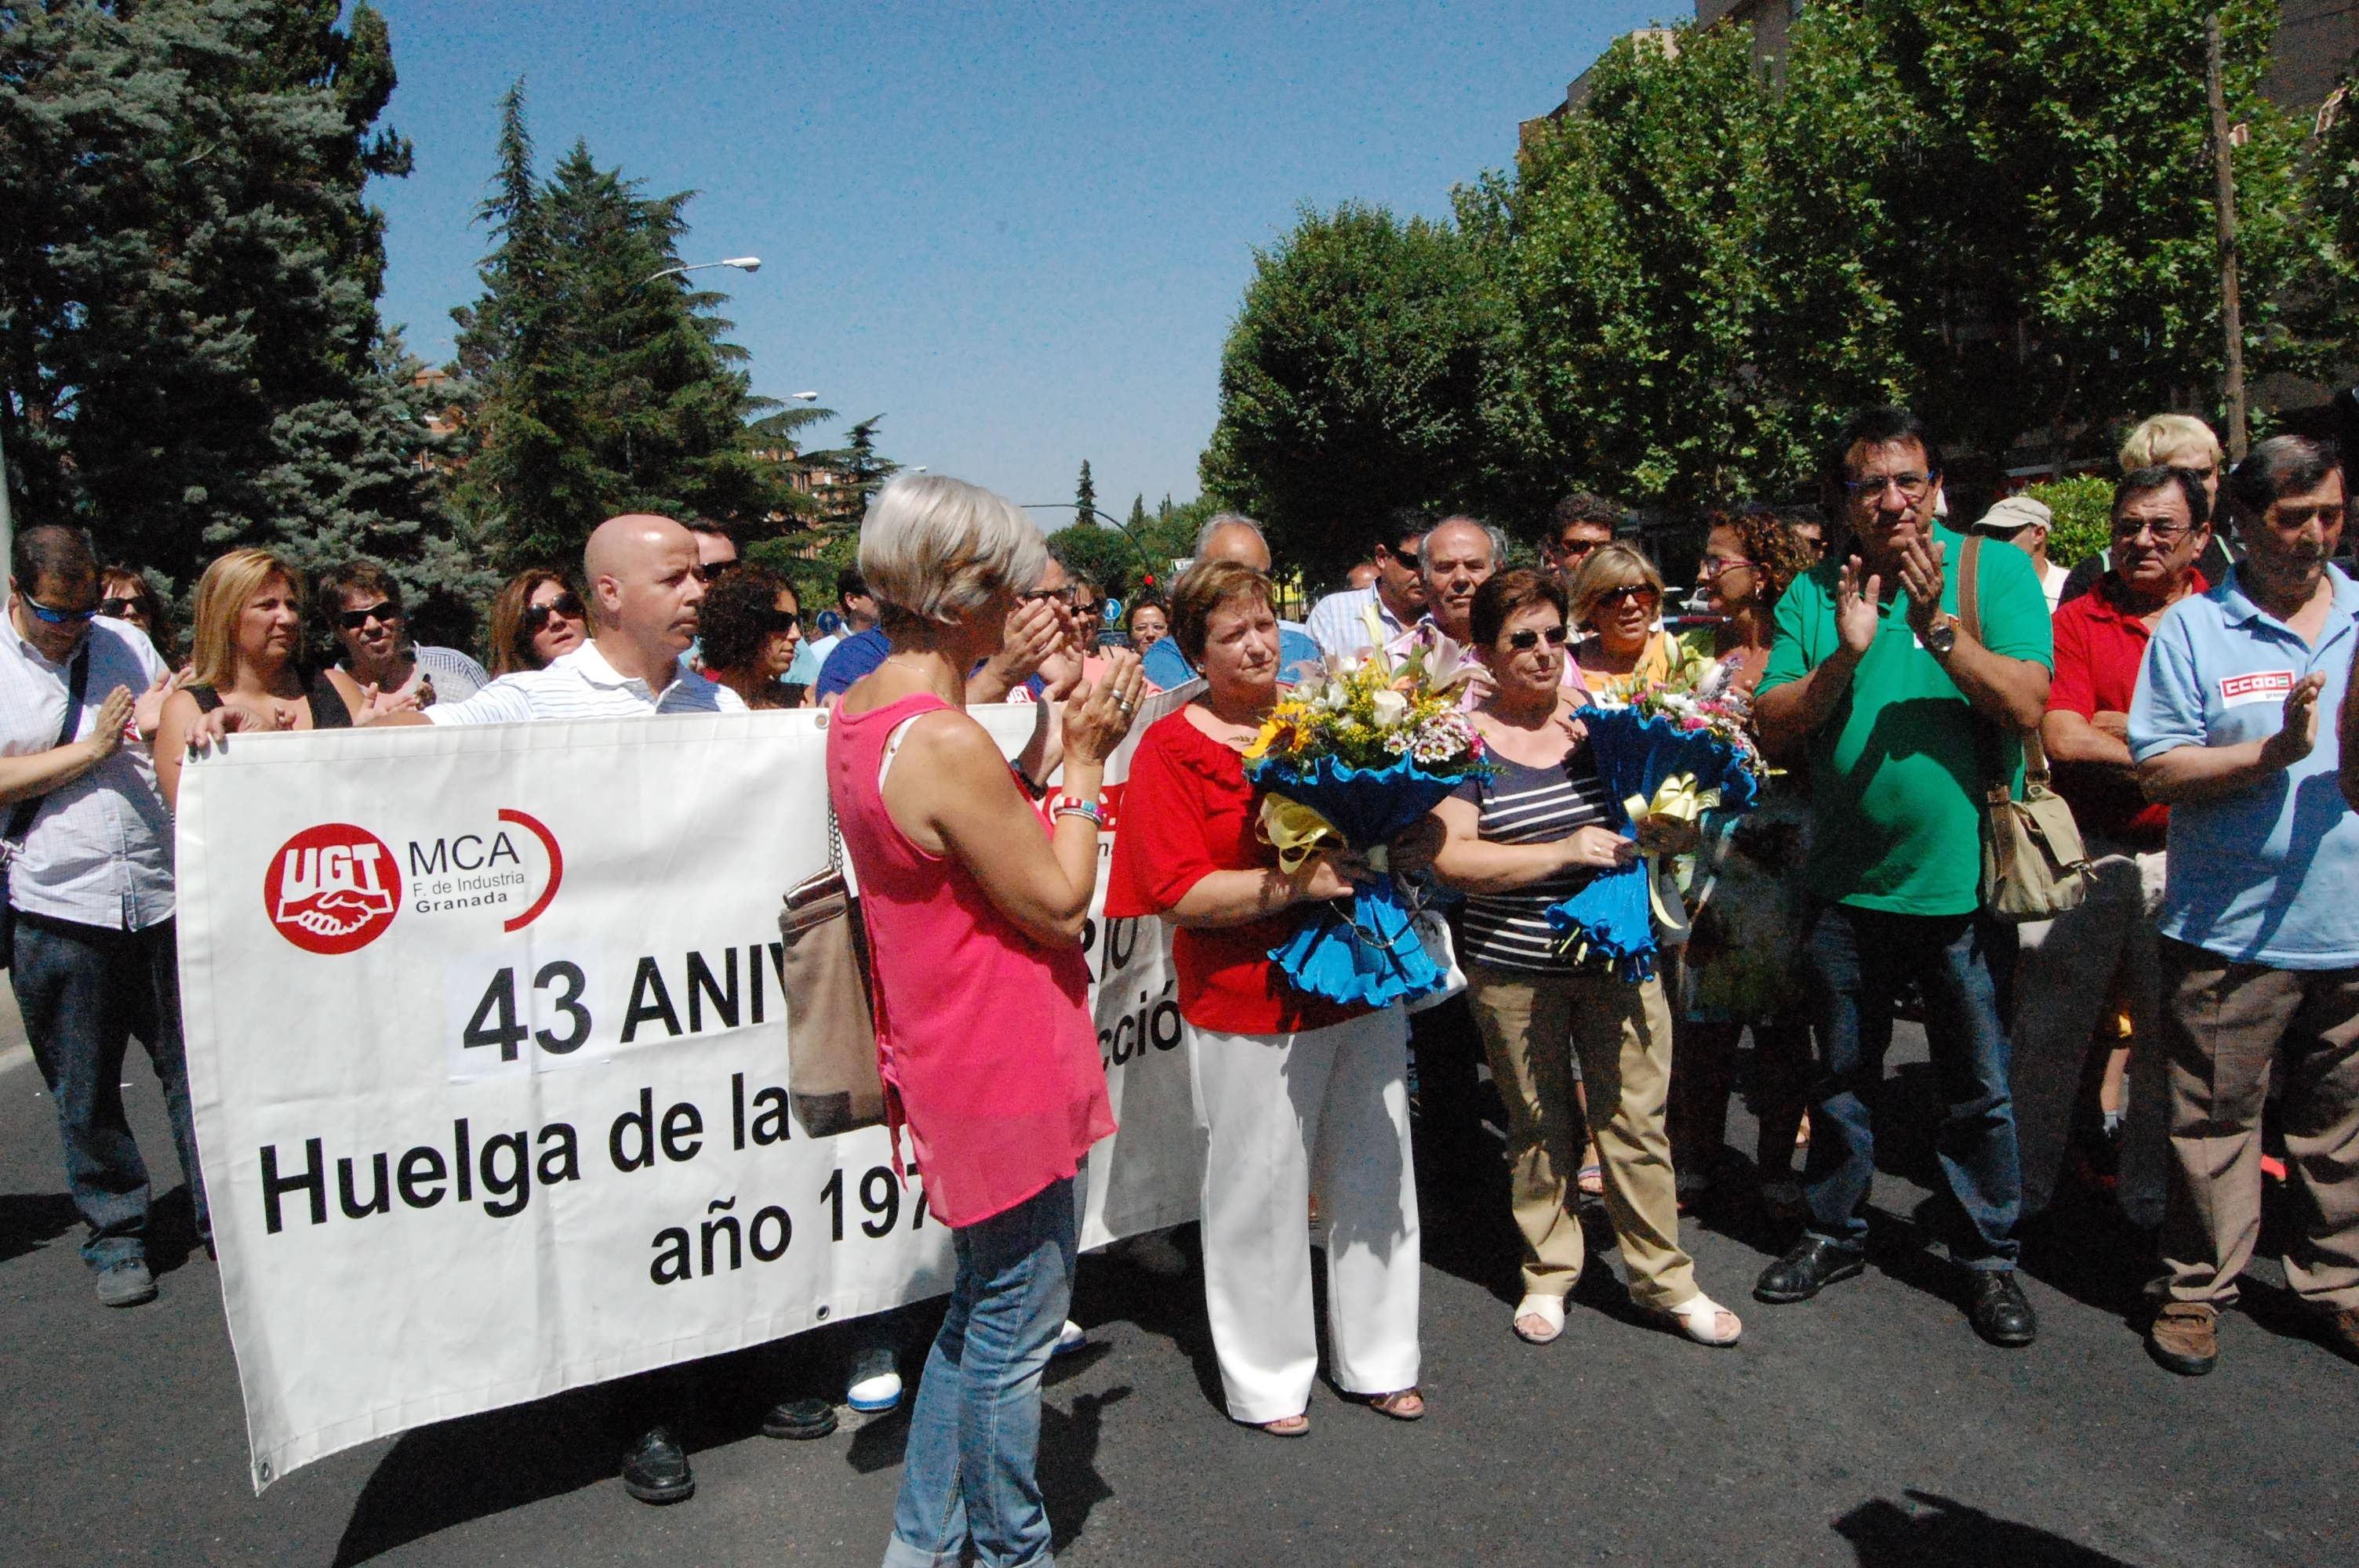 Sindicatos rinden homenaje a los tres obreros fallecidos en la huelga de la construcción de 1970